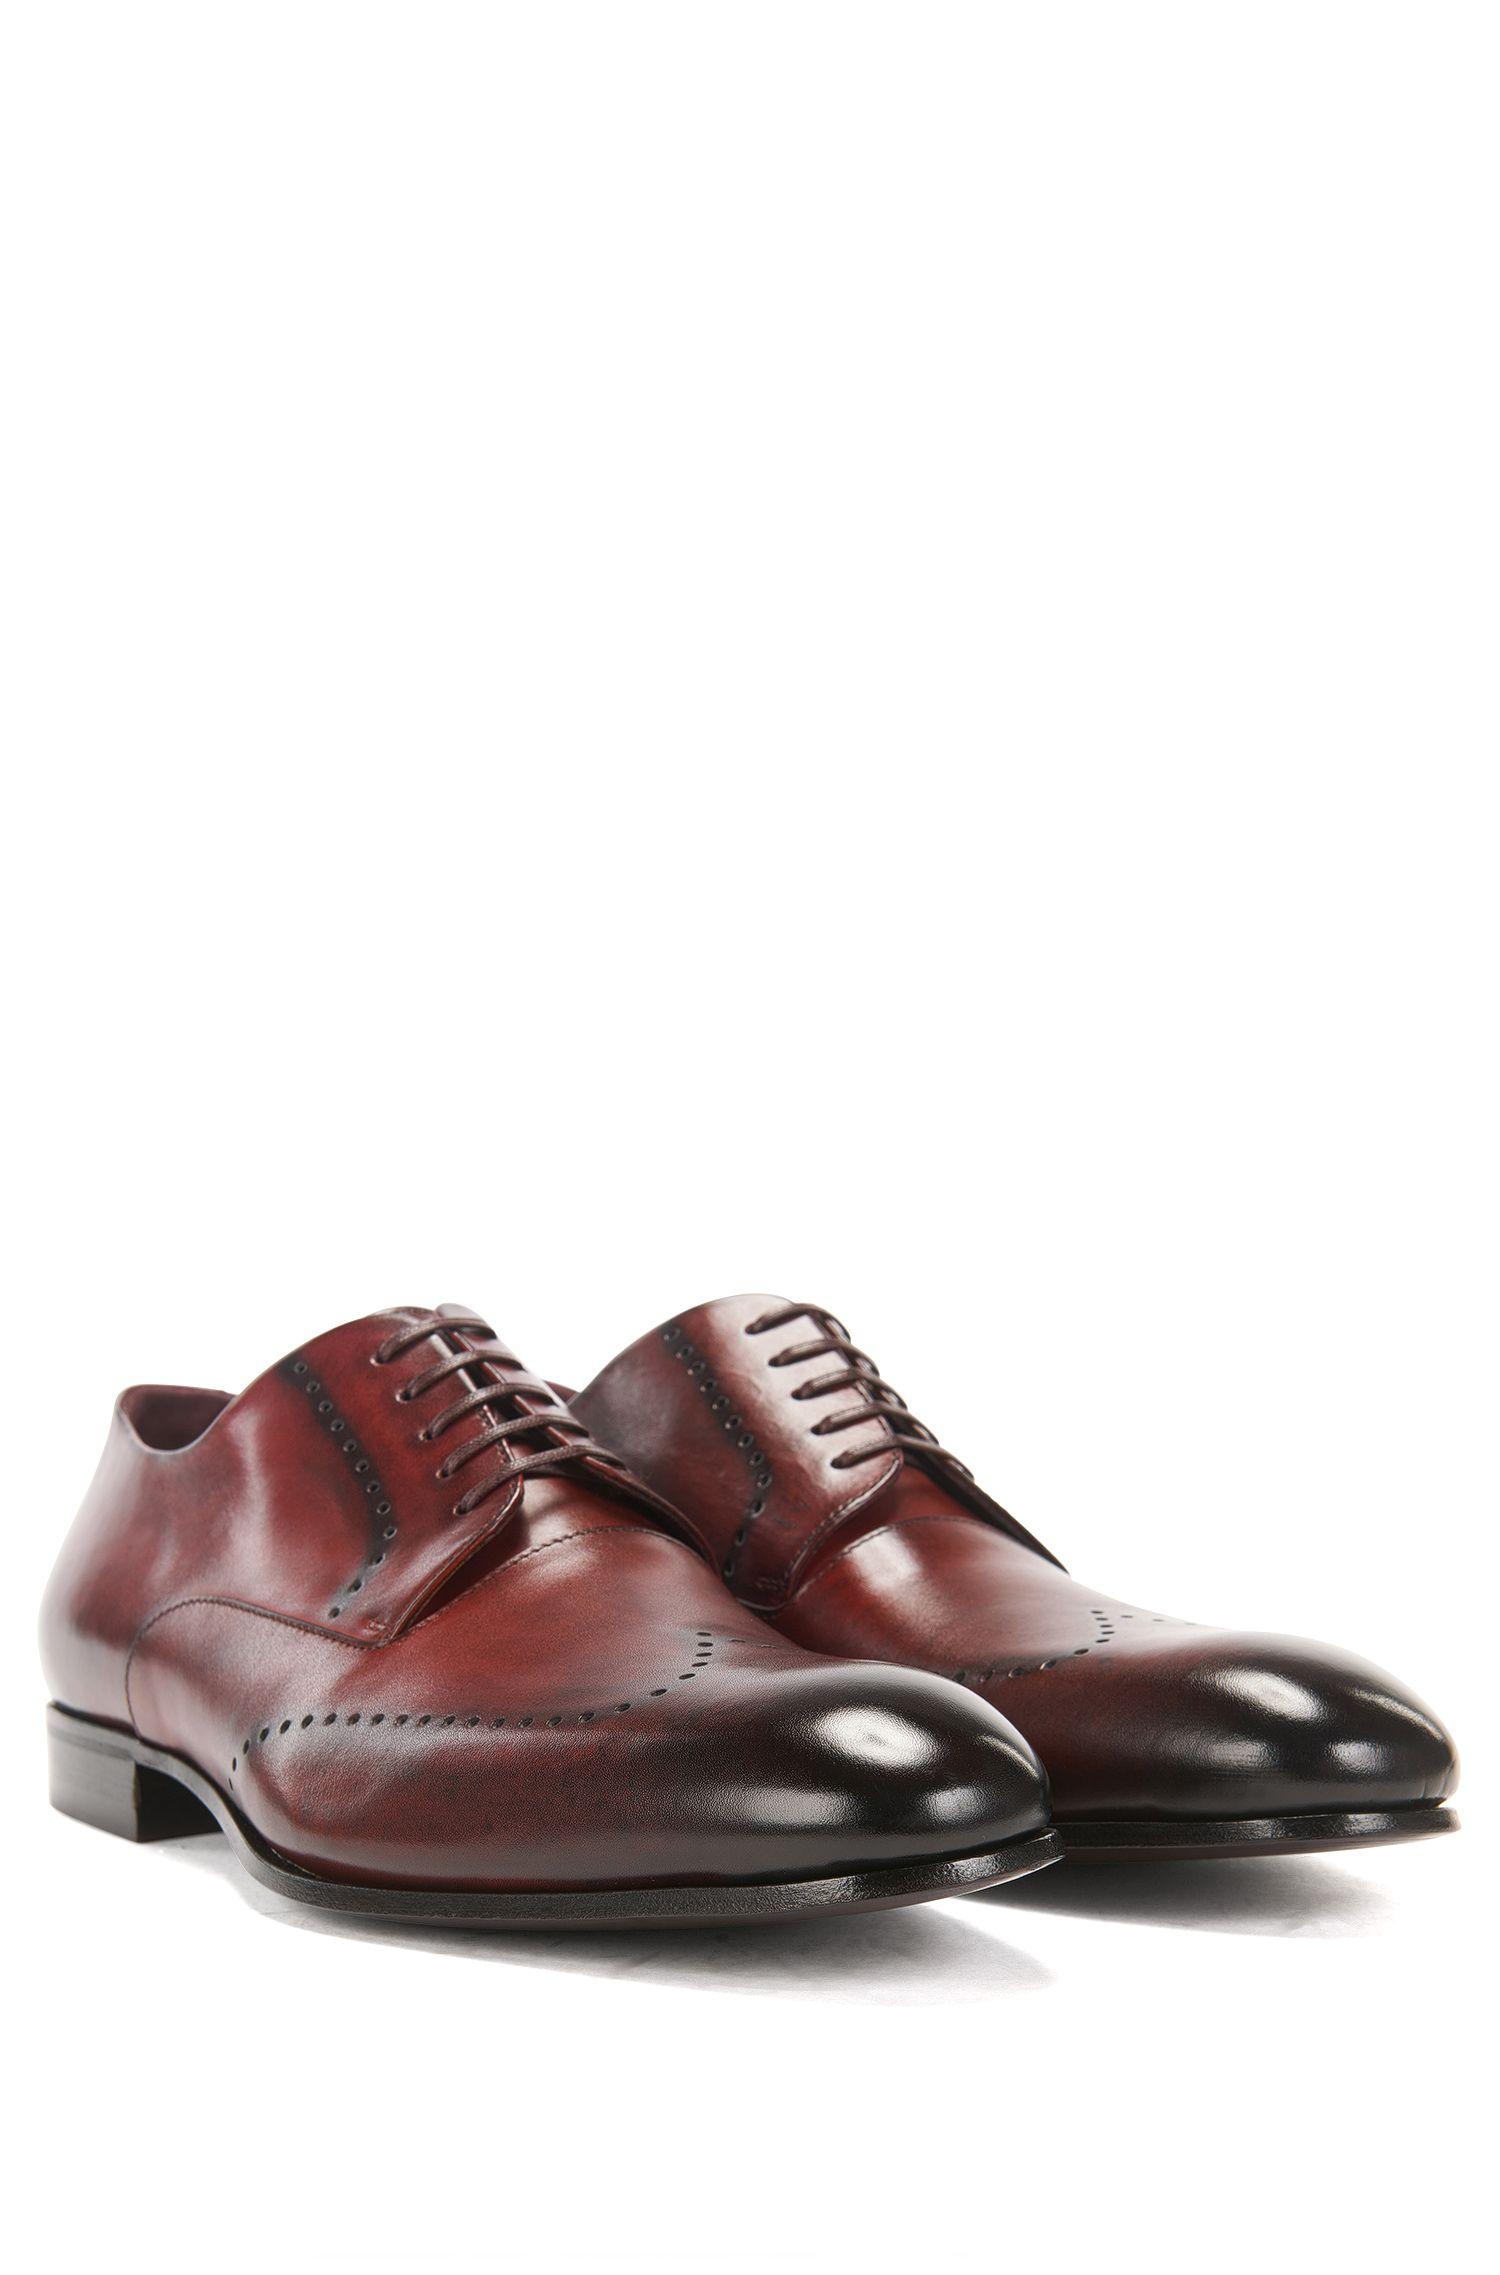 Zapatos Derby de piel pulida con detalles calados